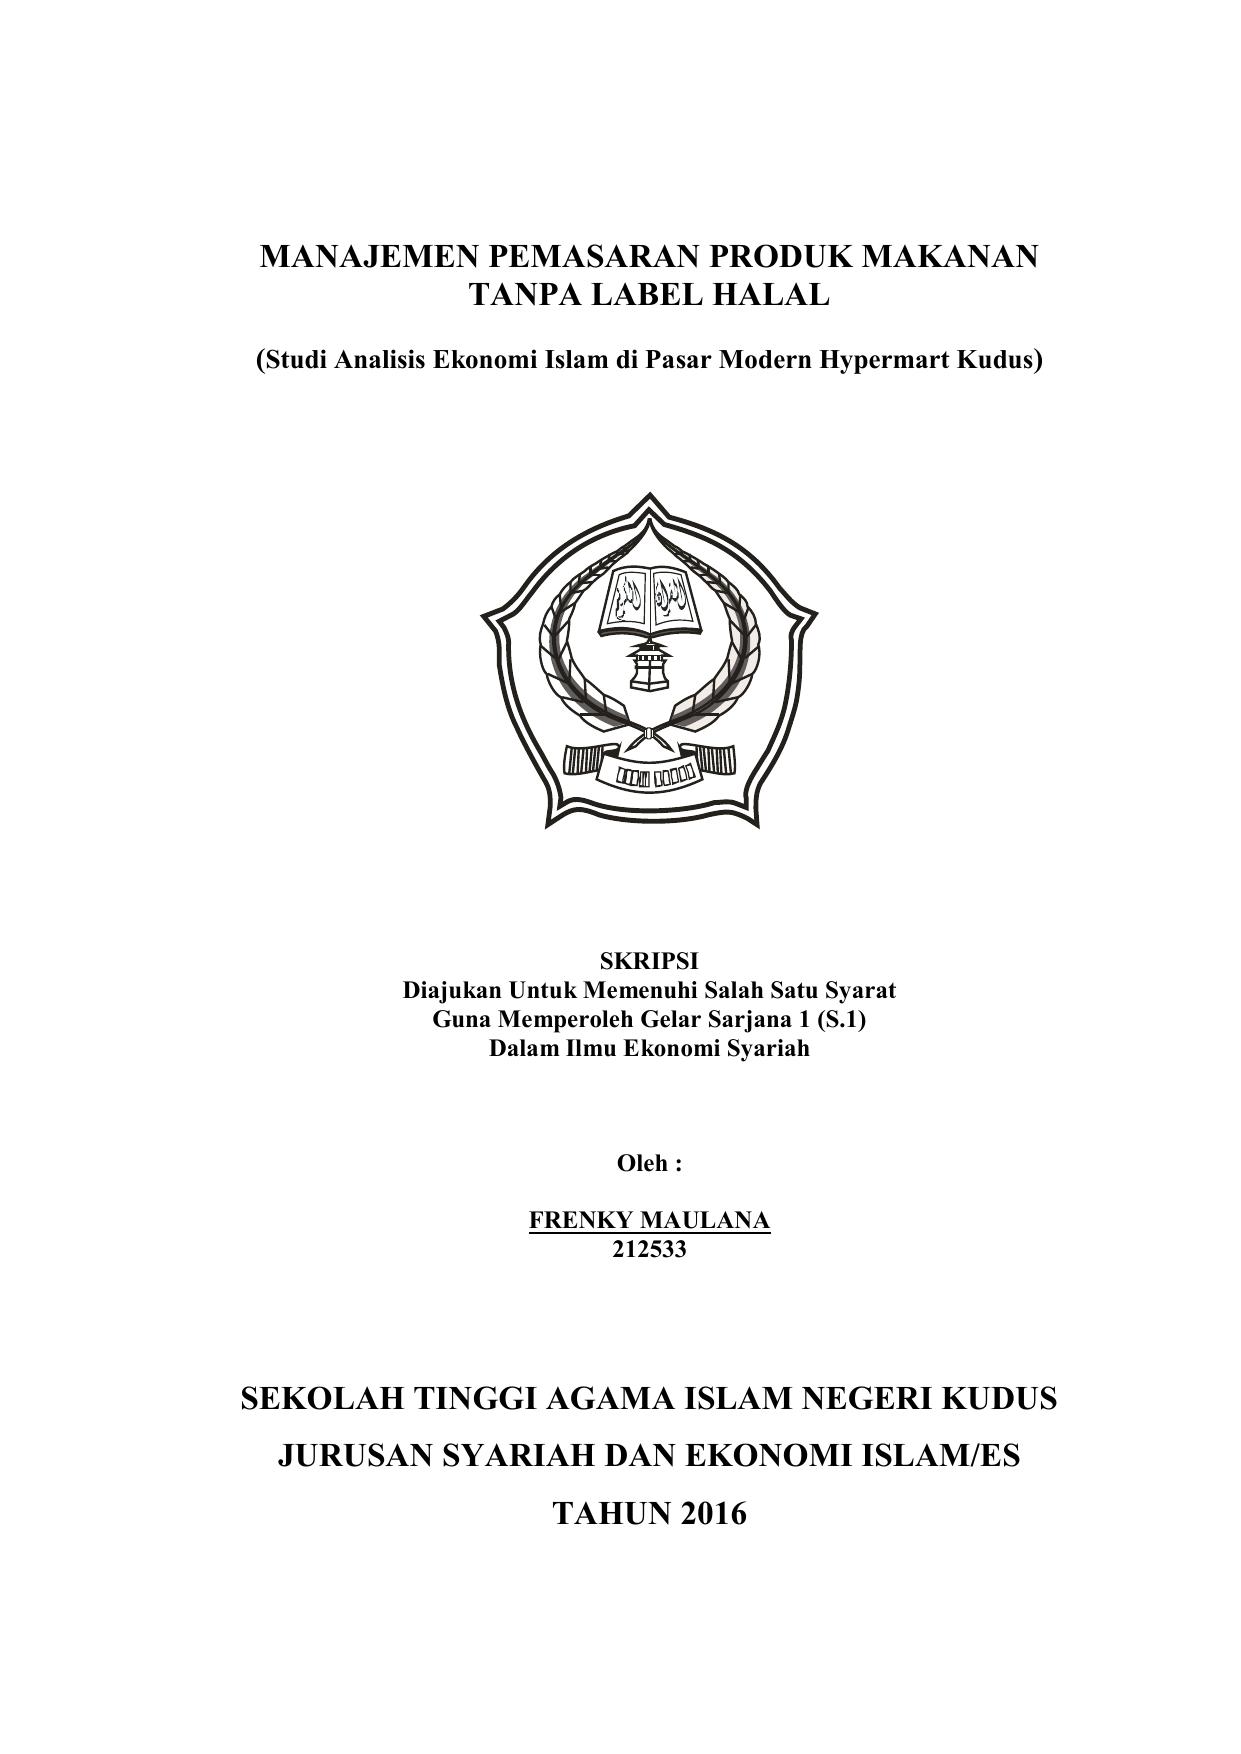 Manajemen Pemasaran Produk Makanan Tanpa Label Halal Sekolah